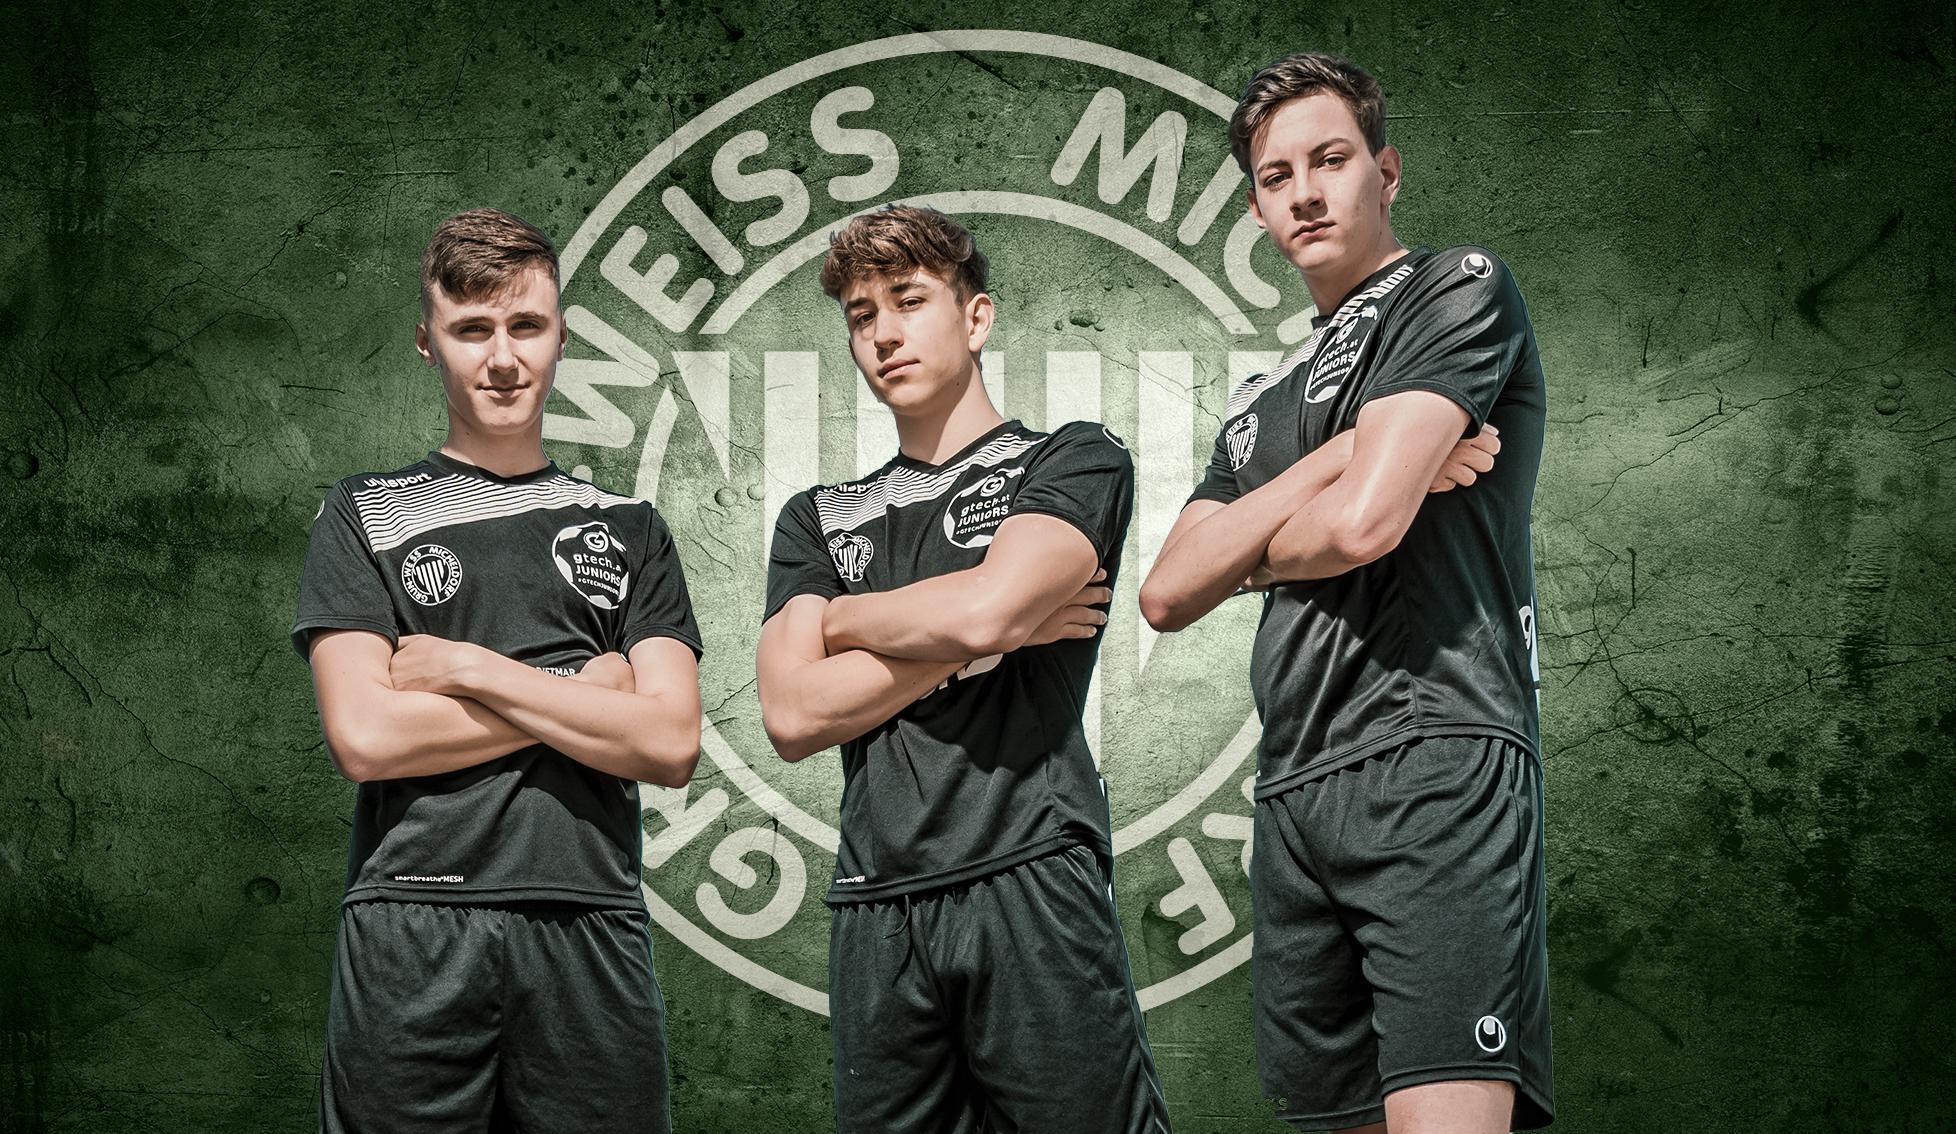 Team Future